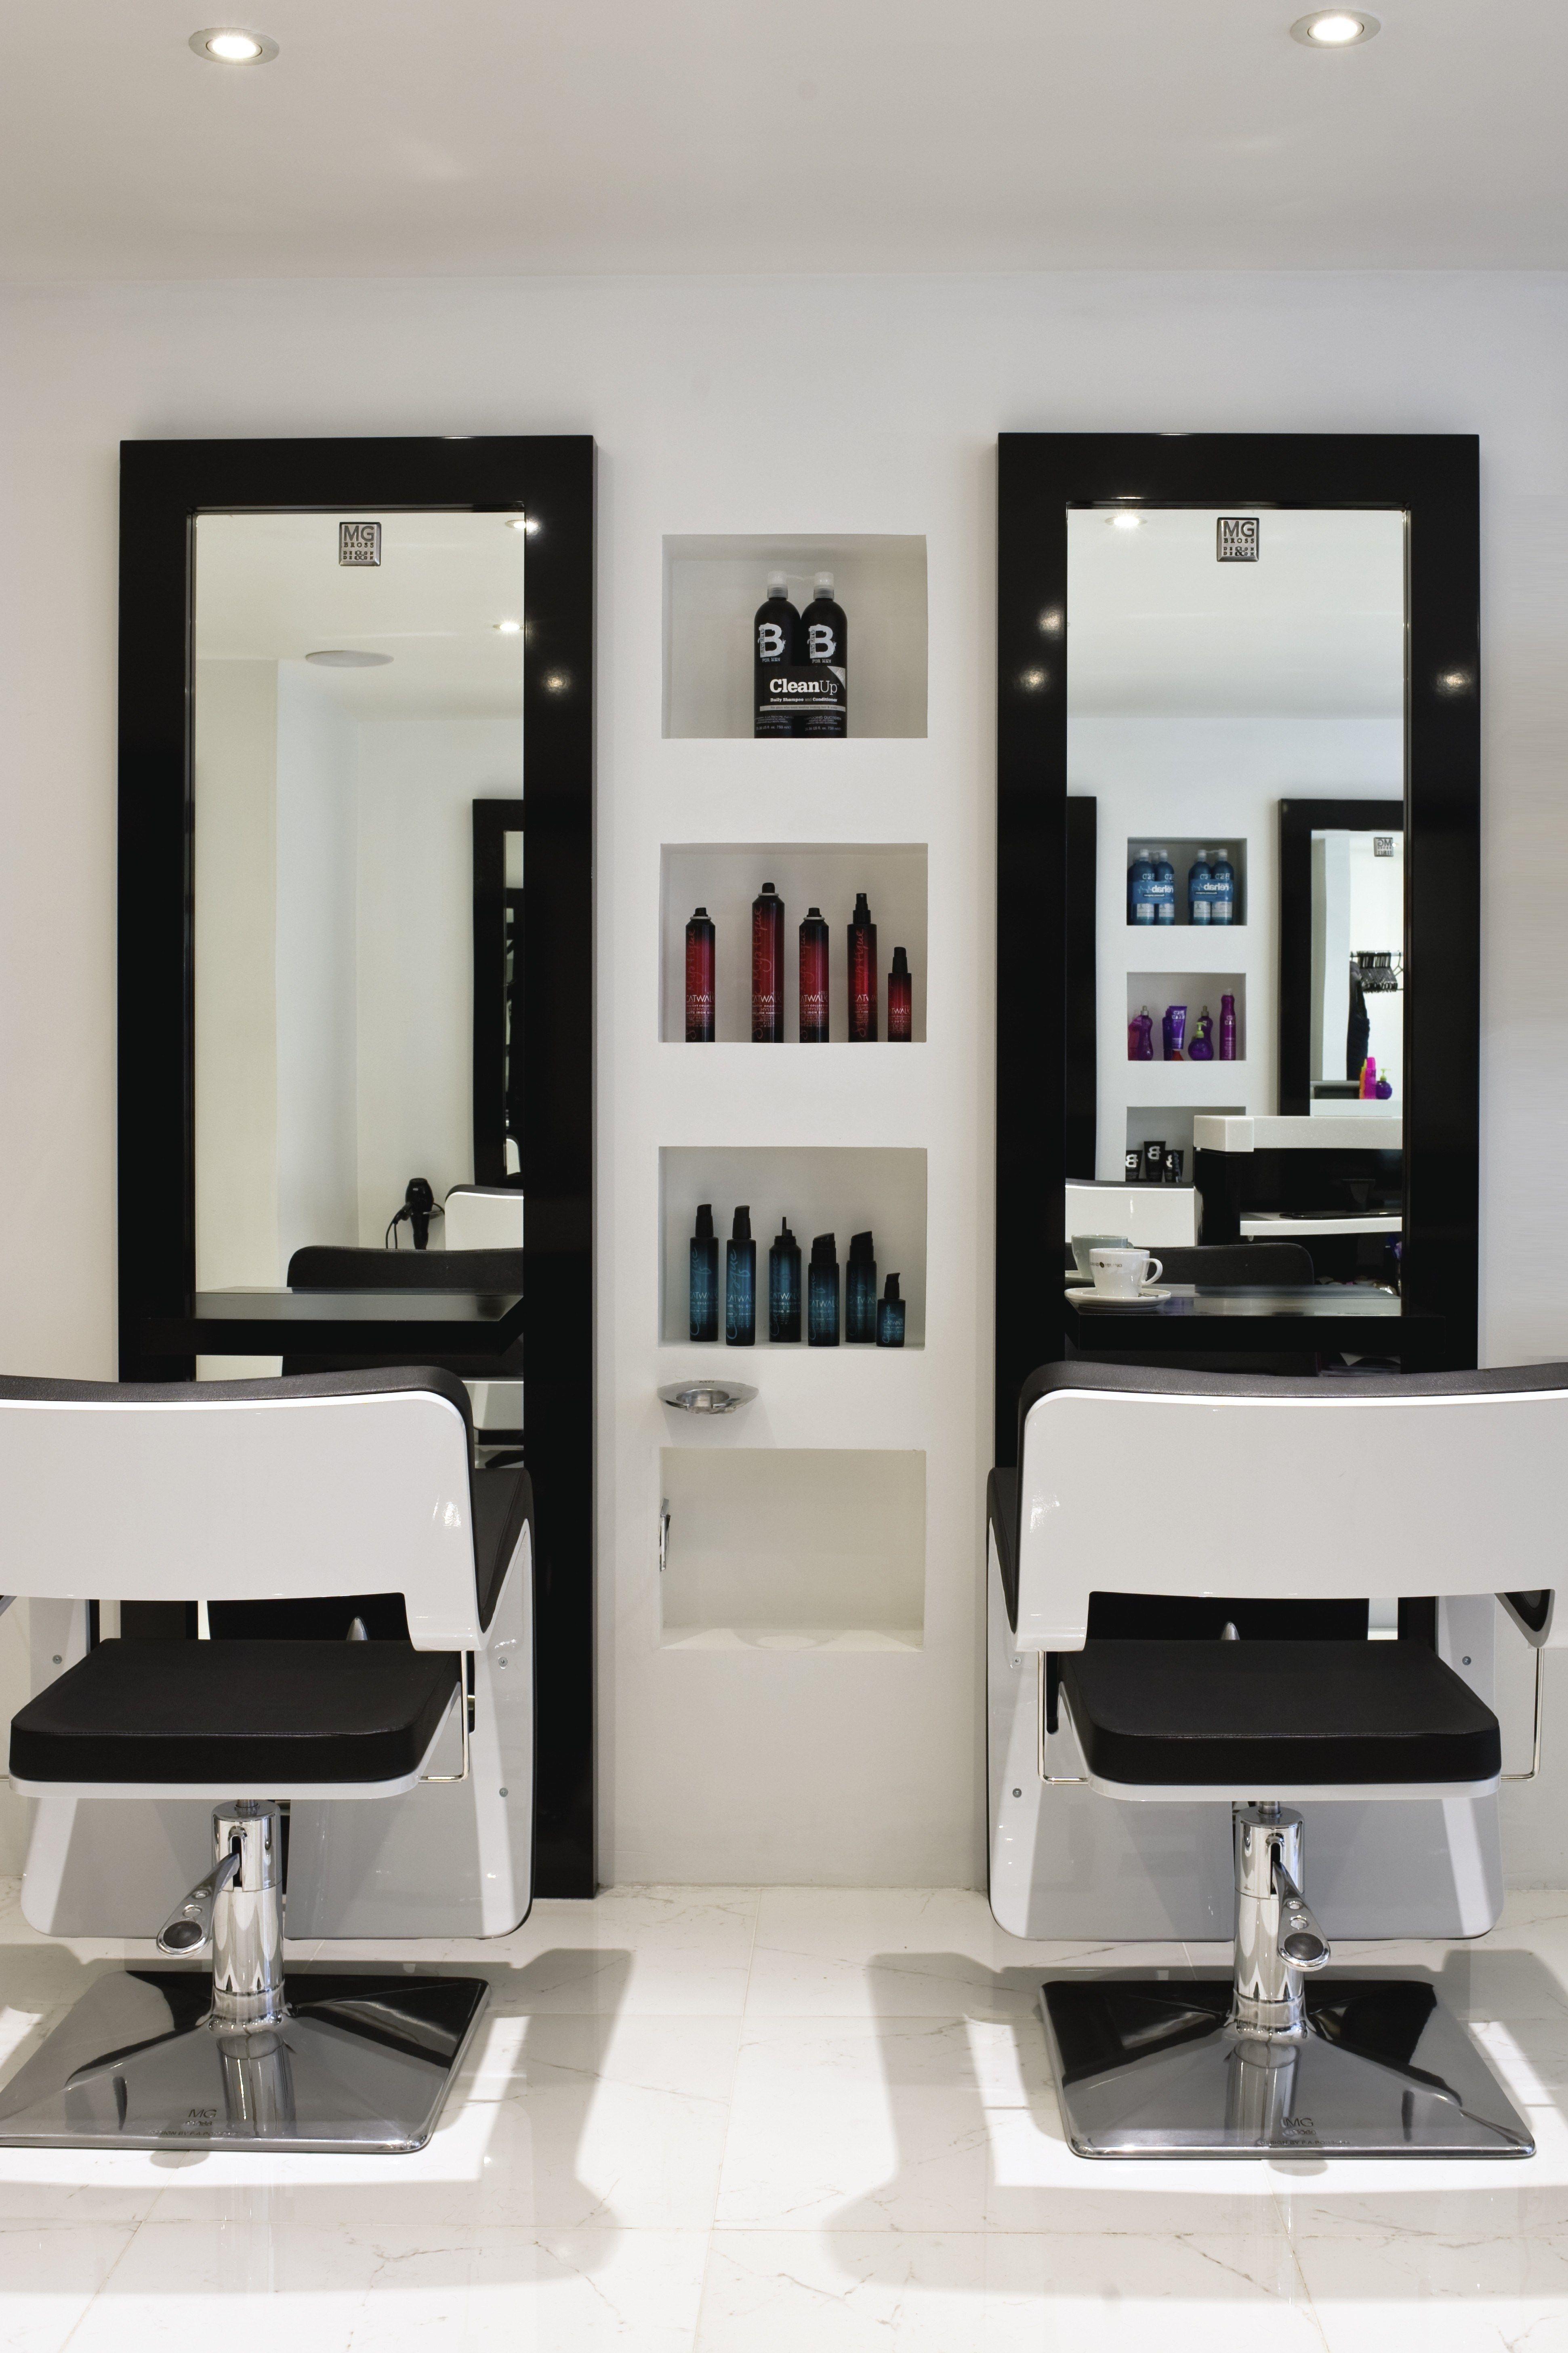 Salon Suite Decor - Best Of Salon Suite Decor, Salon Suites for